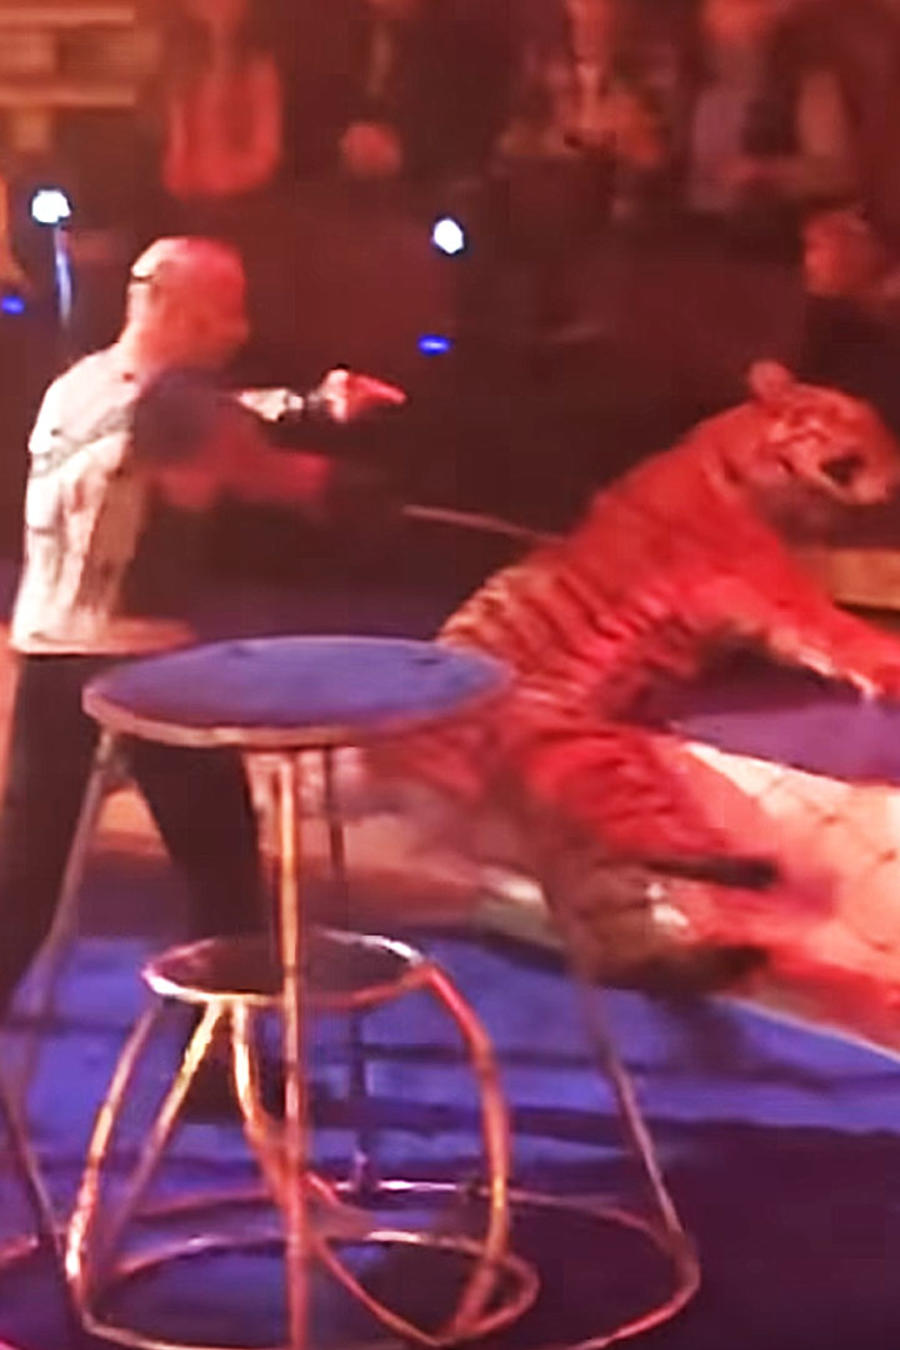 Tigre convulsiona